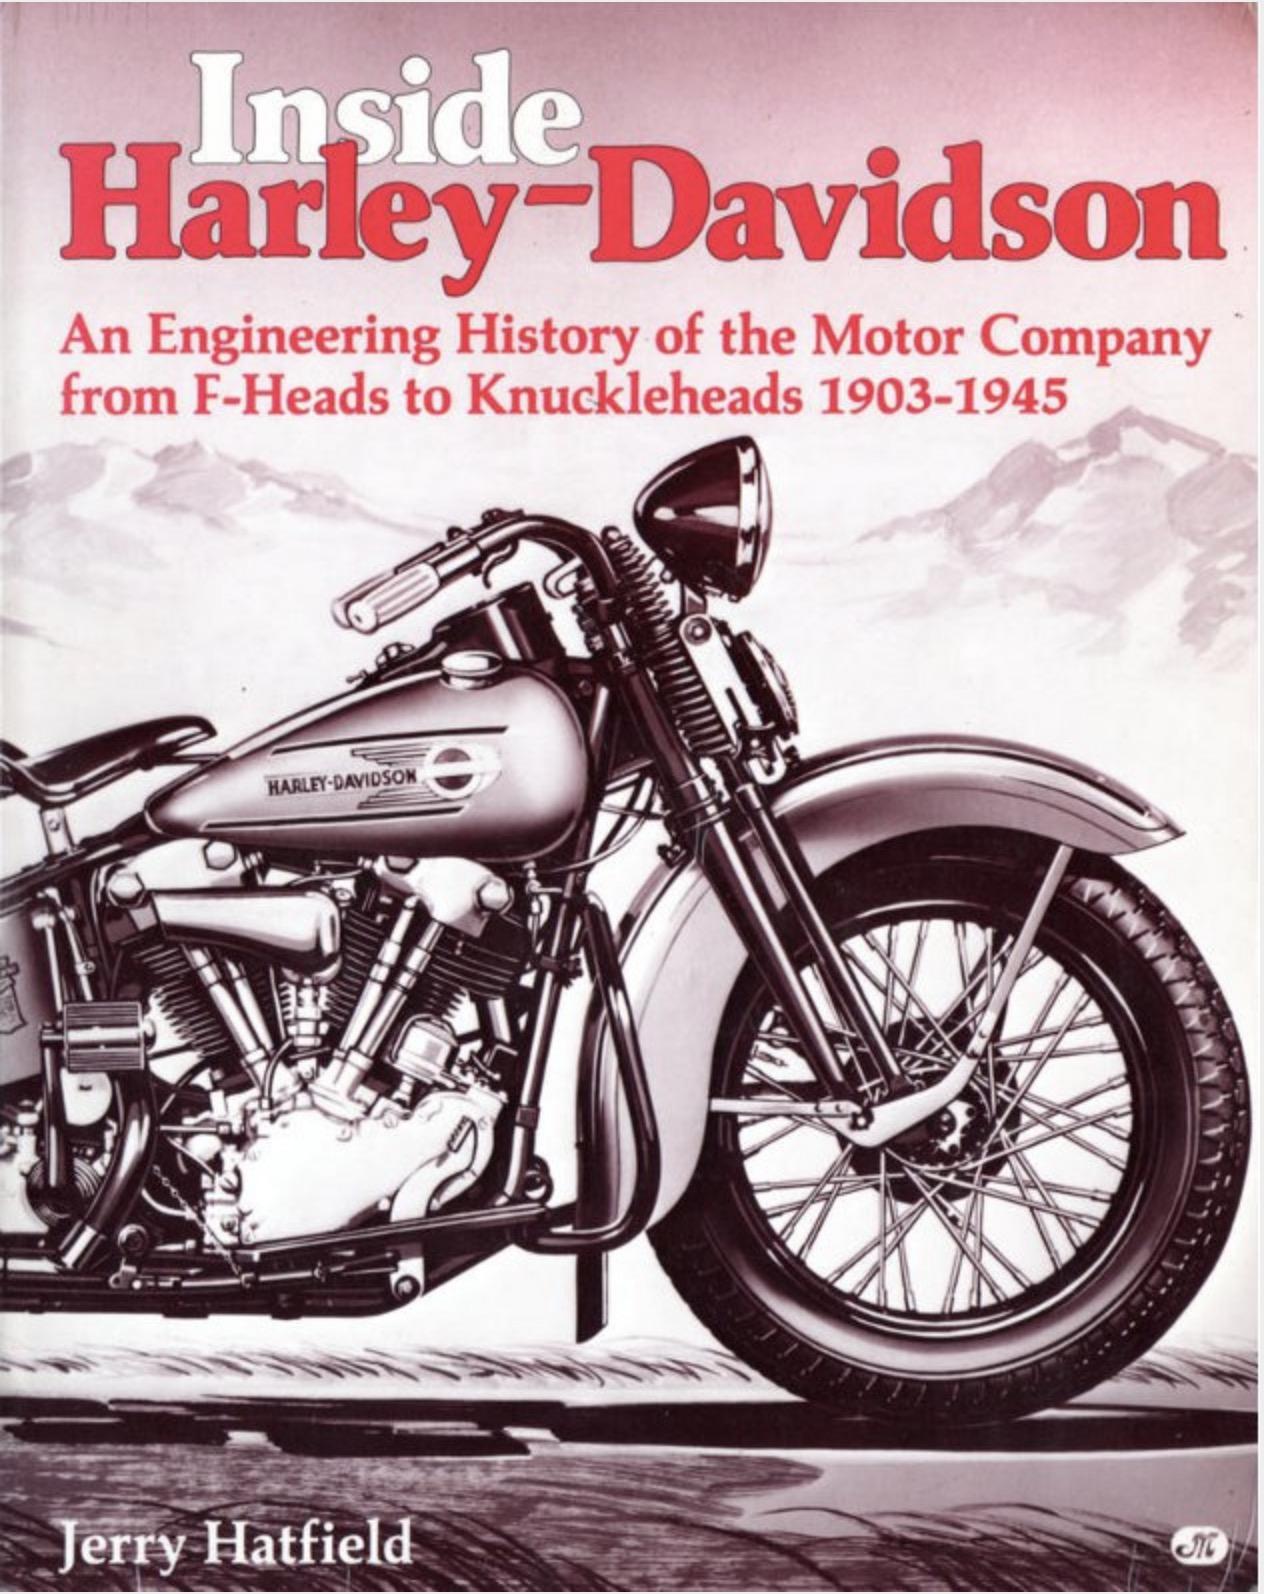 Inside Harley-Davidson